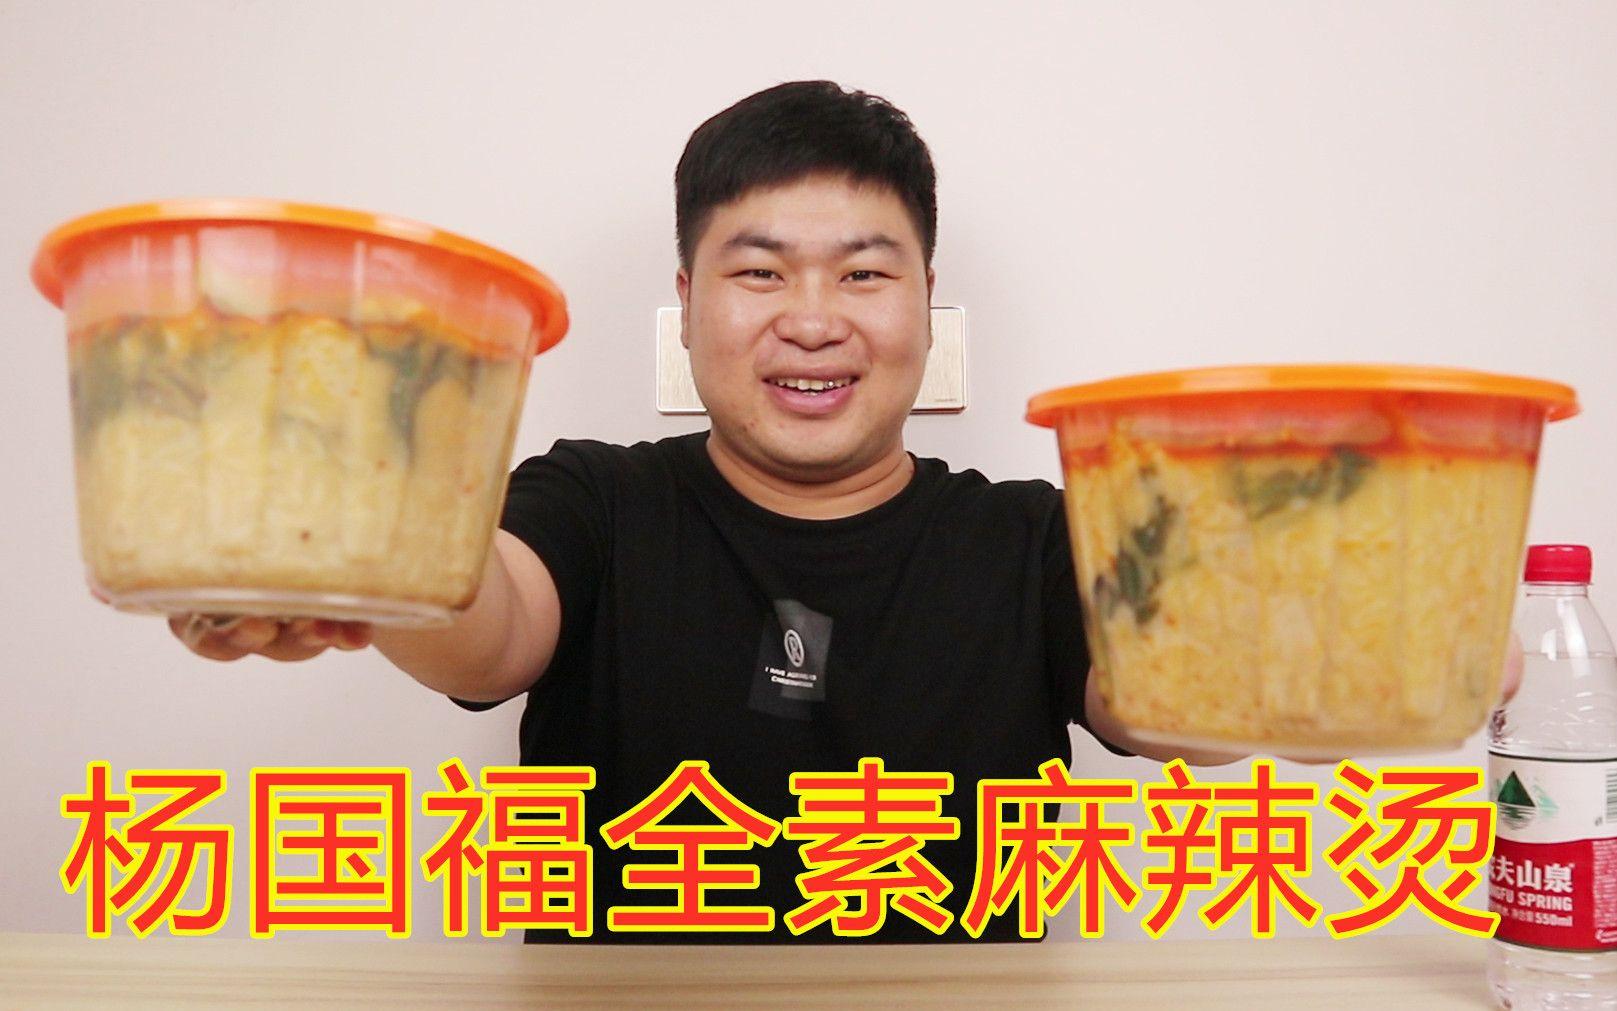 把杨国福麻辣烫的素菜全点一遍, 直接送来两大盒, 装了满满一盆, 请求陈松分担点!